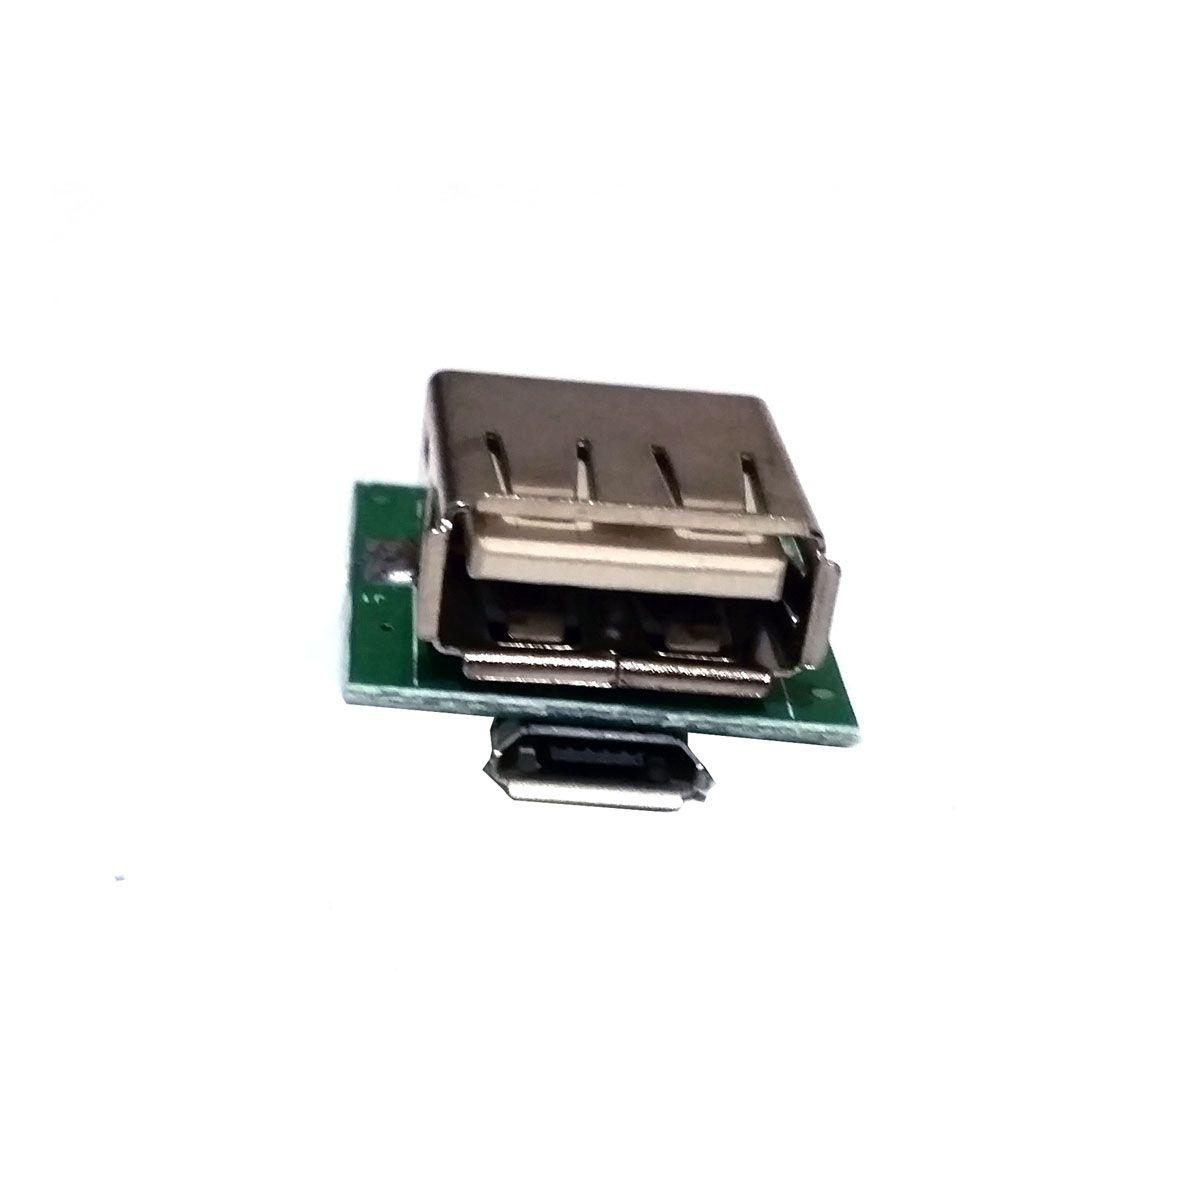 Conversor DC DC Step Up USB 5v Bateria de Litium com Carregador Embutido estilo Power Bank